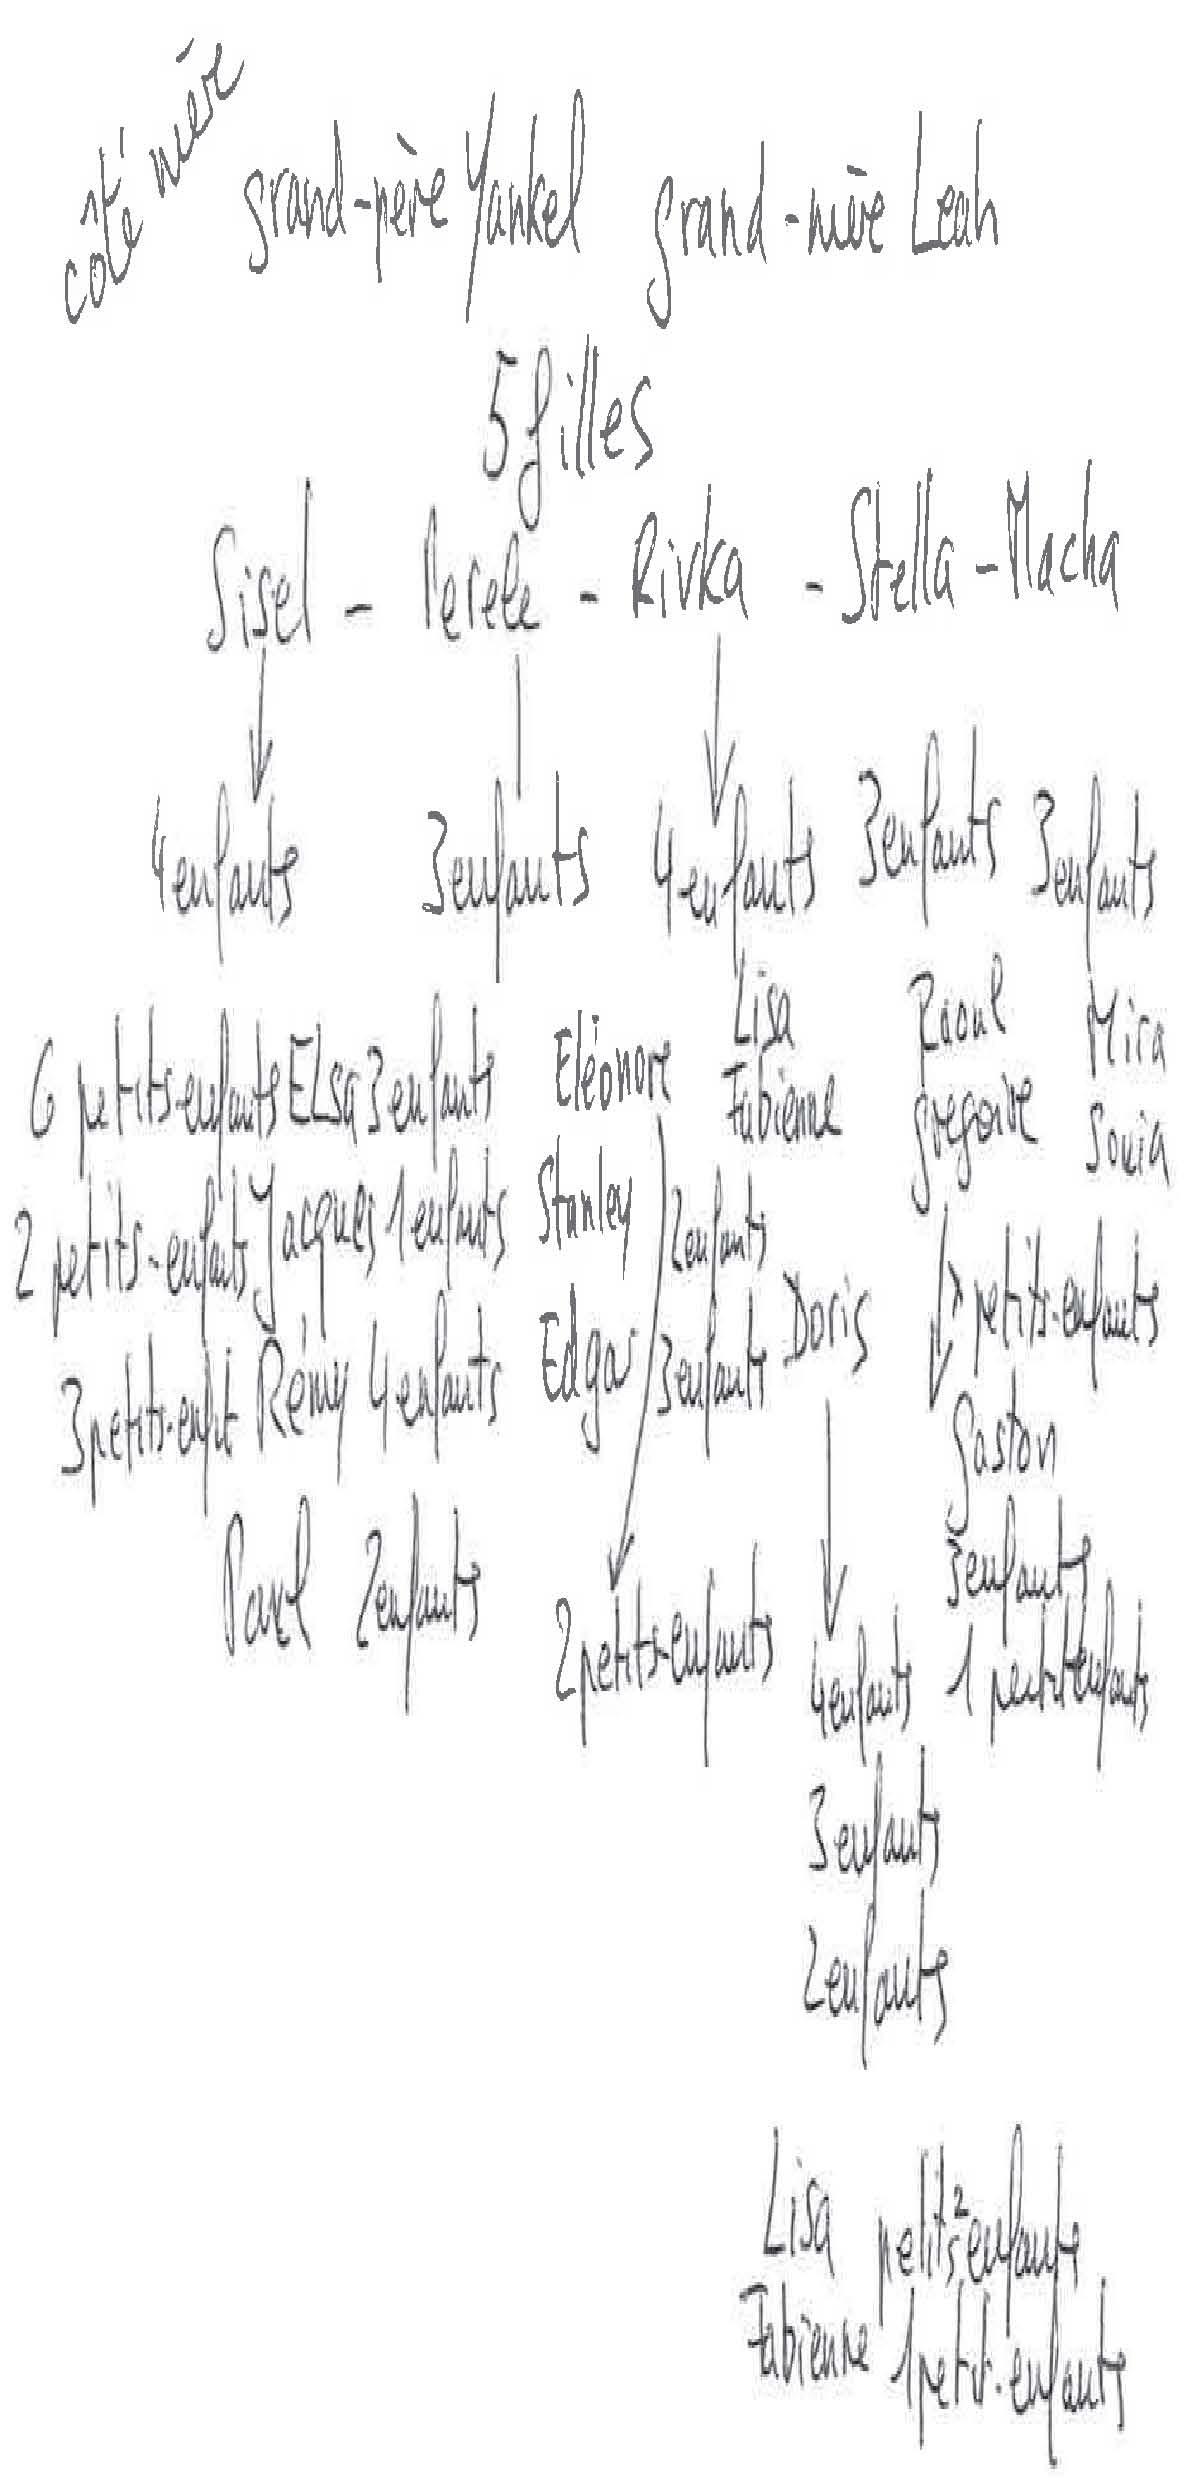 Élégant Dessin Arbre Genealogique Gratuit Imprimer